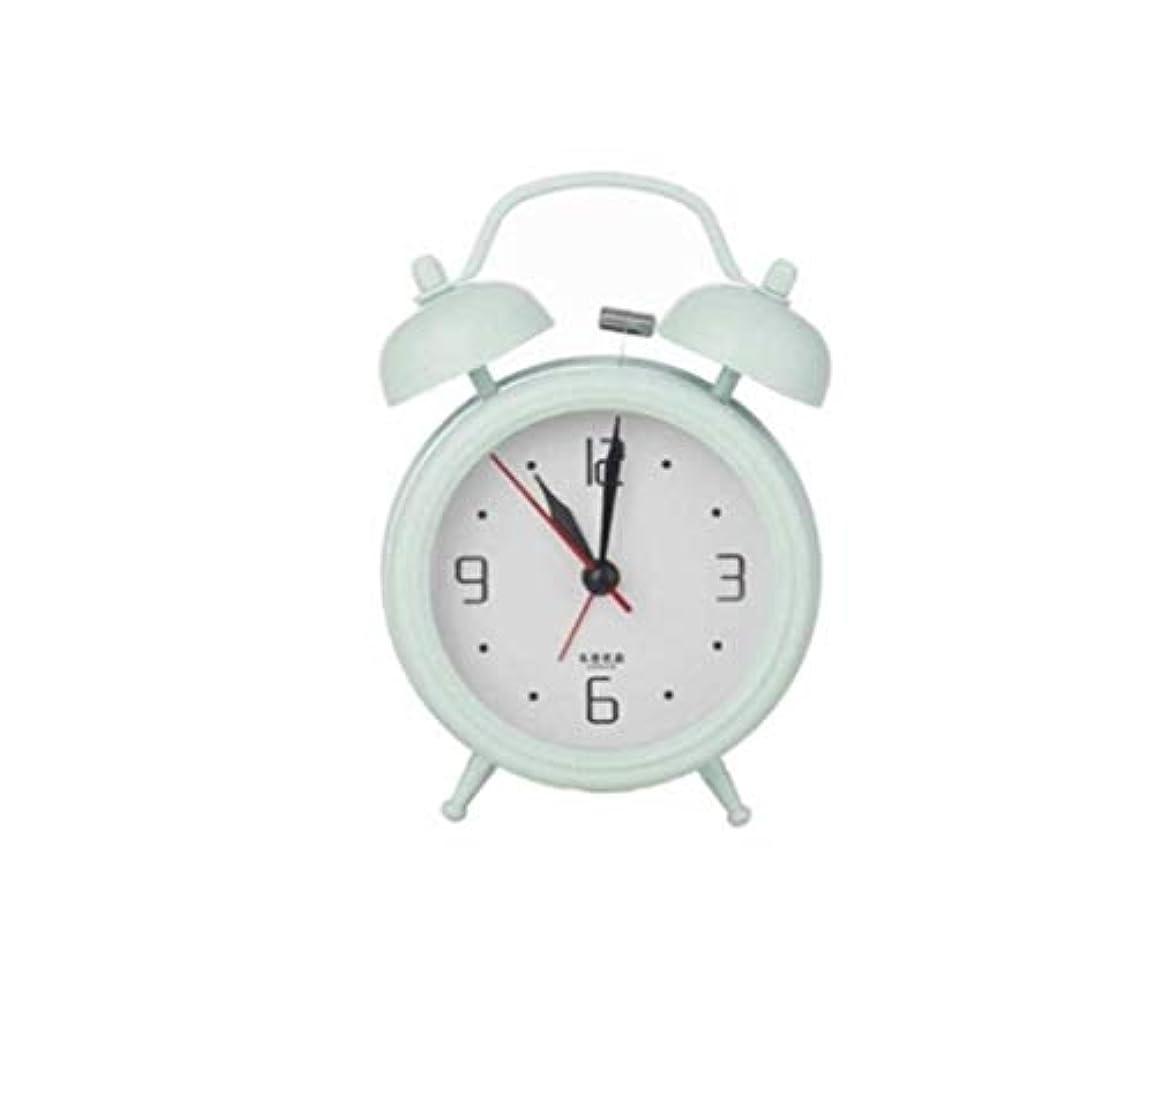 くぼみ払い戻し良性Kaiyitong001 目覚まし時計、レトロなベルの目覚まし時計、毎日の使用、家の装飾、モダンな白い家の装飾(緑、白) (Color : Green)